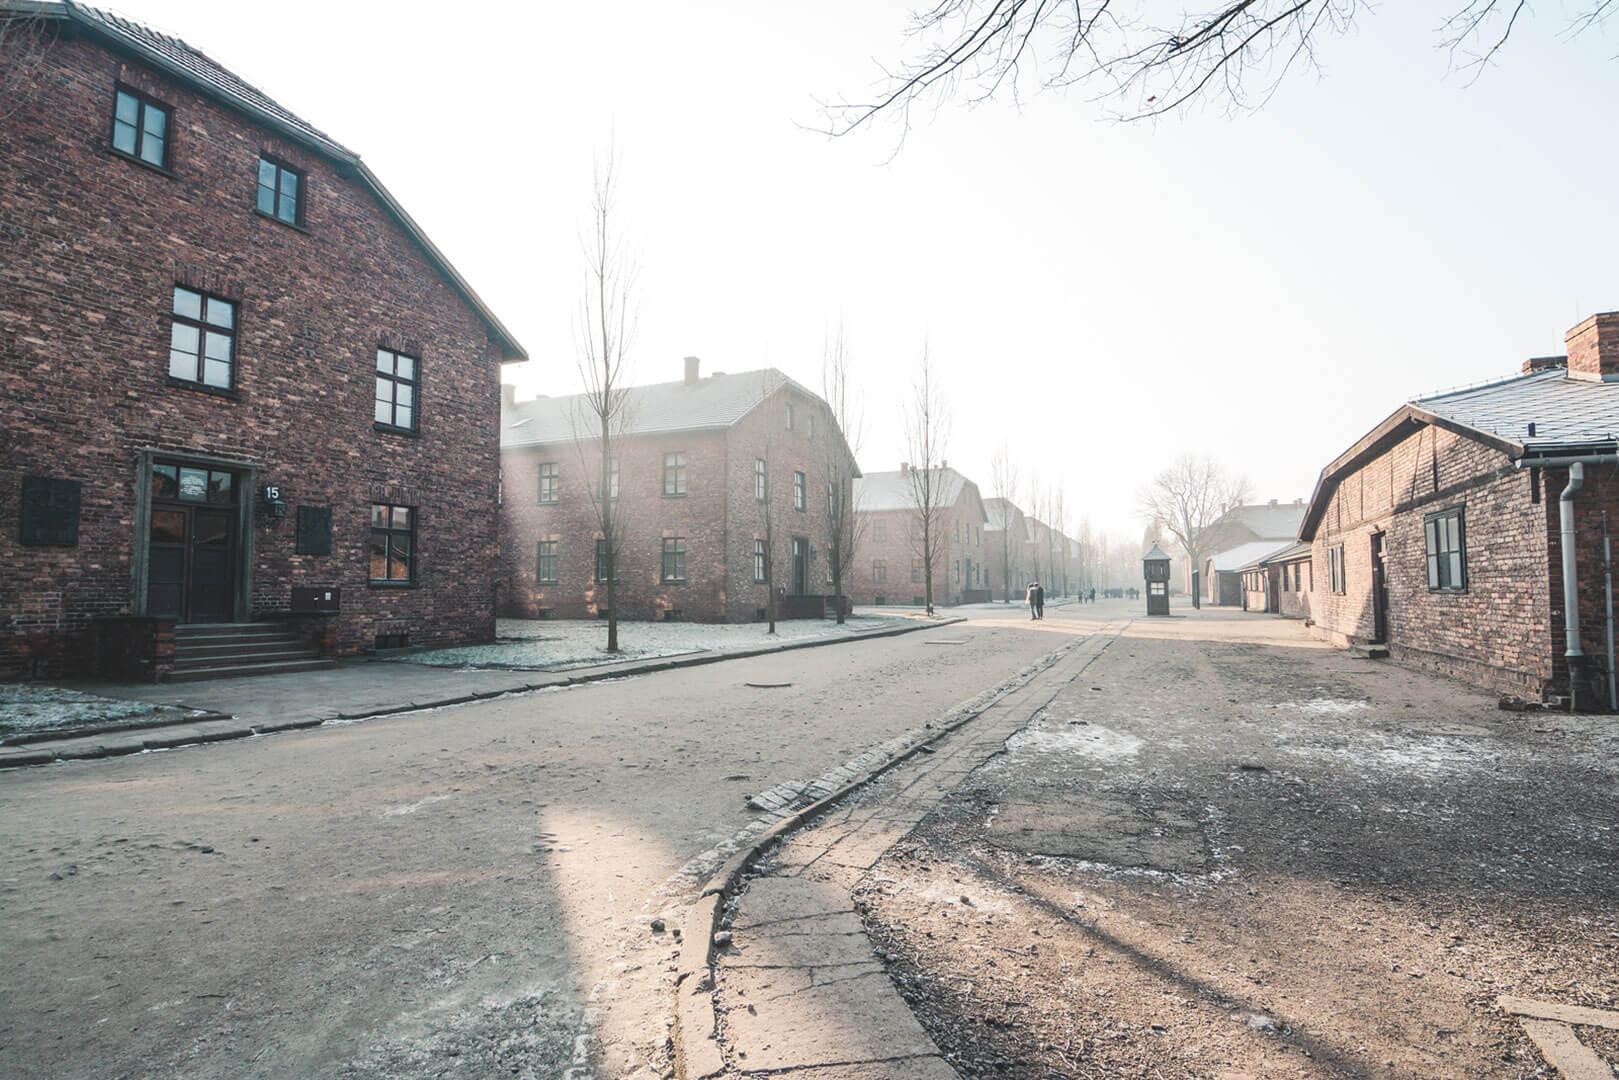 auschwitz-krakow-poland-la-vie-en-blog-all-rights-reserved2